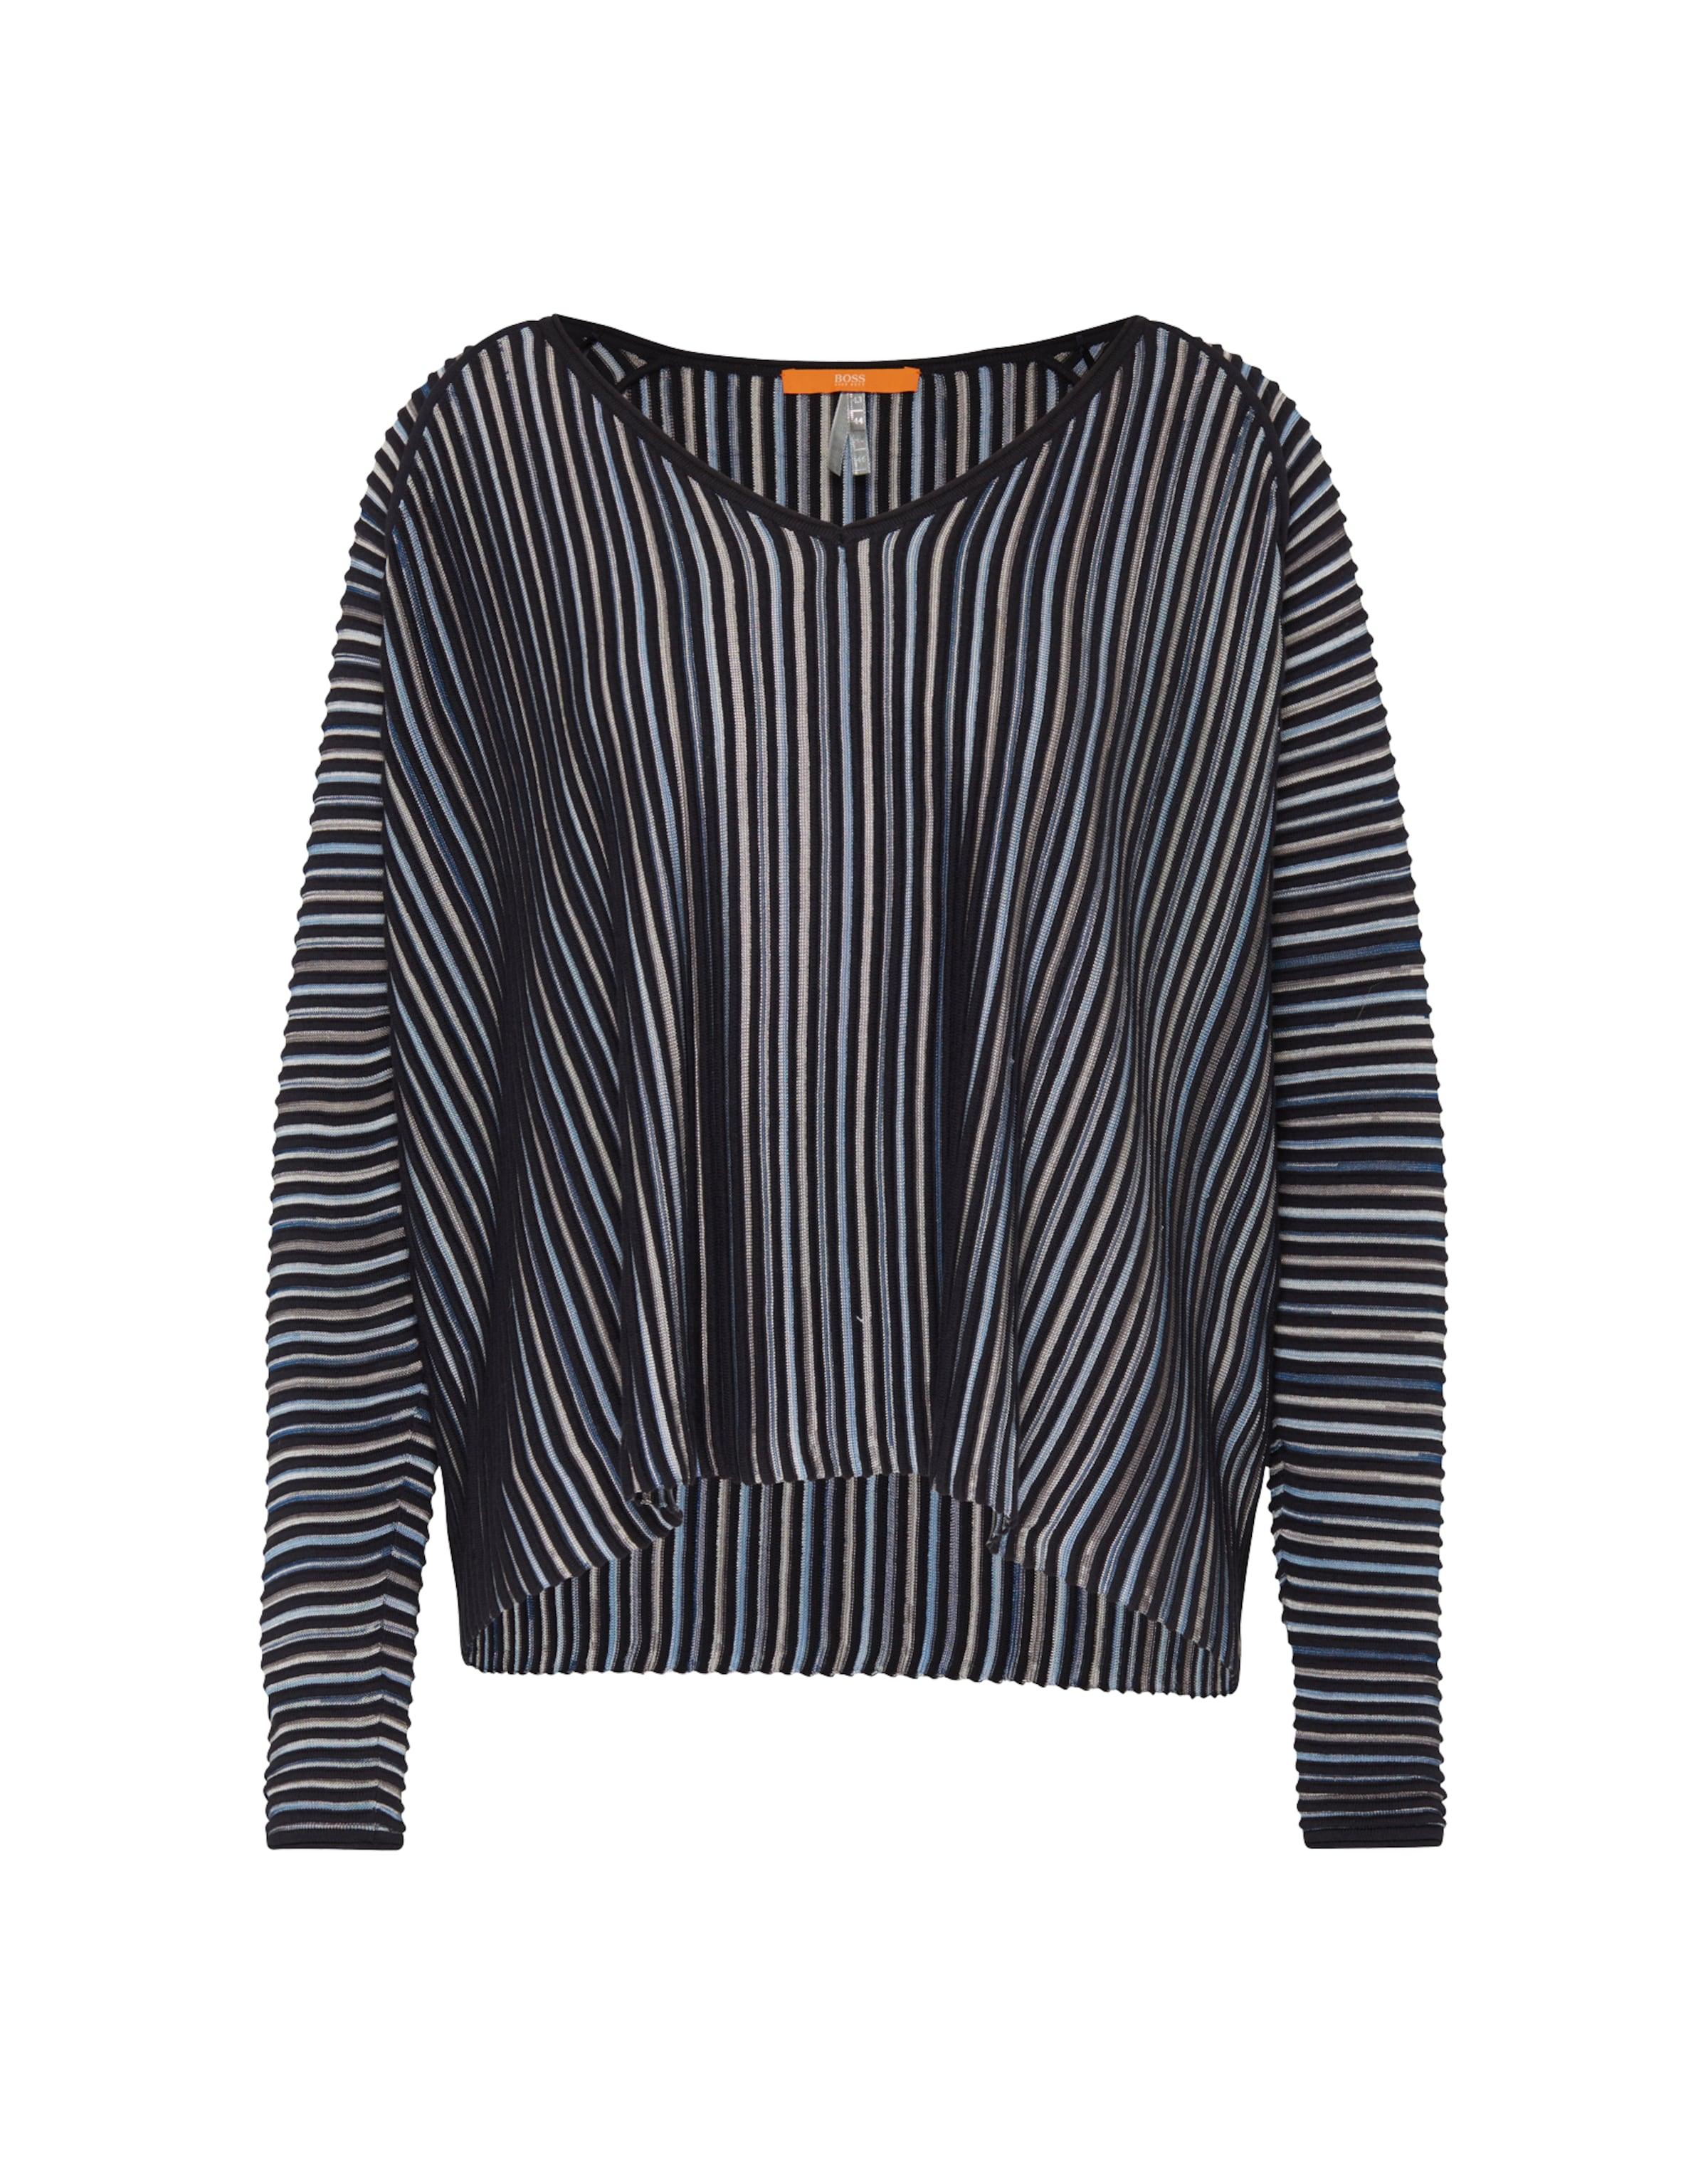 Rabatt Größte Lieferant BOSS ORANGE Pullover 'Winney' Verkauf Günstigen Preisen Günstig Kaufen Nicekicks 9TDZFop